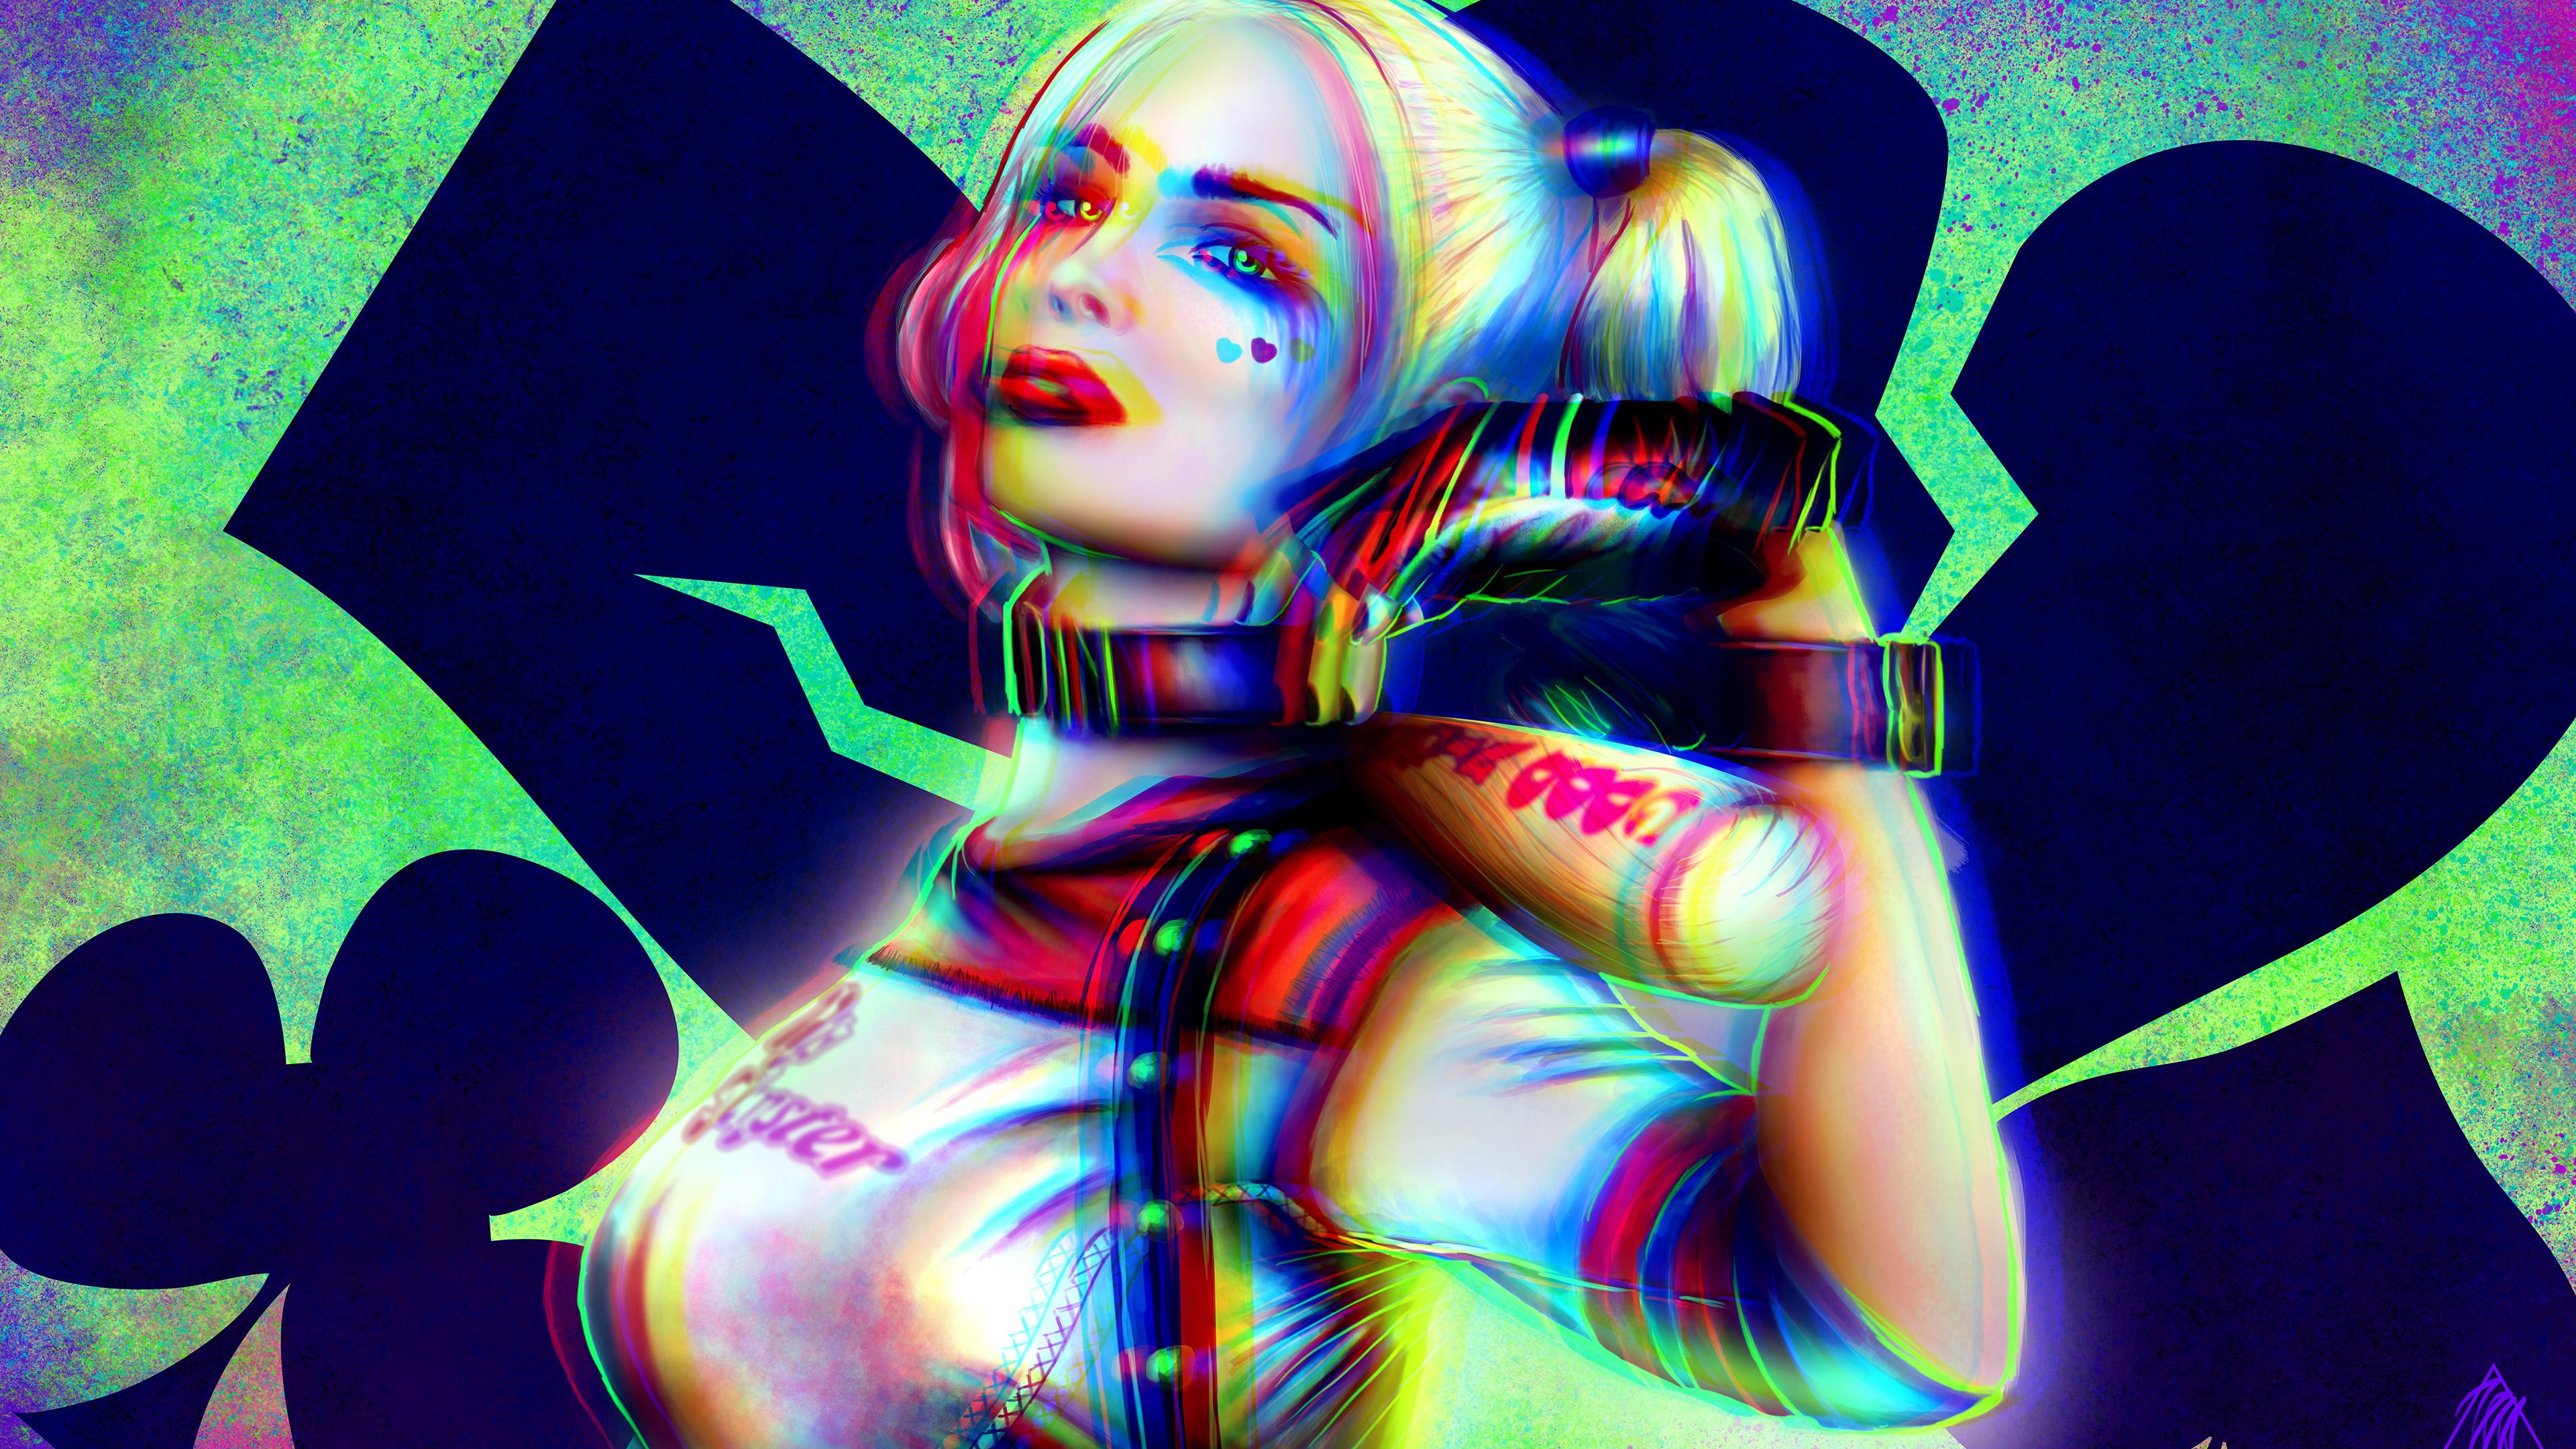 harley quinn new 4k 1547936487 - Harley Quinn New 4k - superheroes wallpapers, hd-wallpapers, harley quinn wallpapers, digital art wallpapers, behance wallpapers, artwork wallpapers